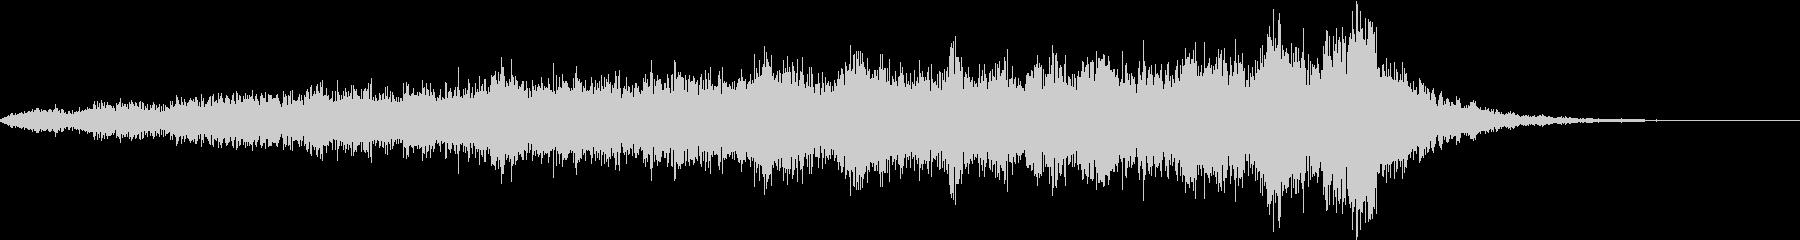 【ライザー】 オーケストレーション_02の未再生の波形